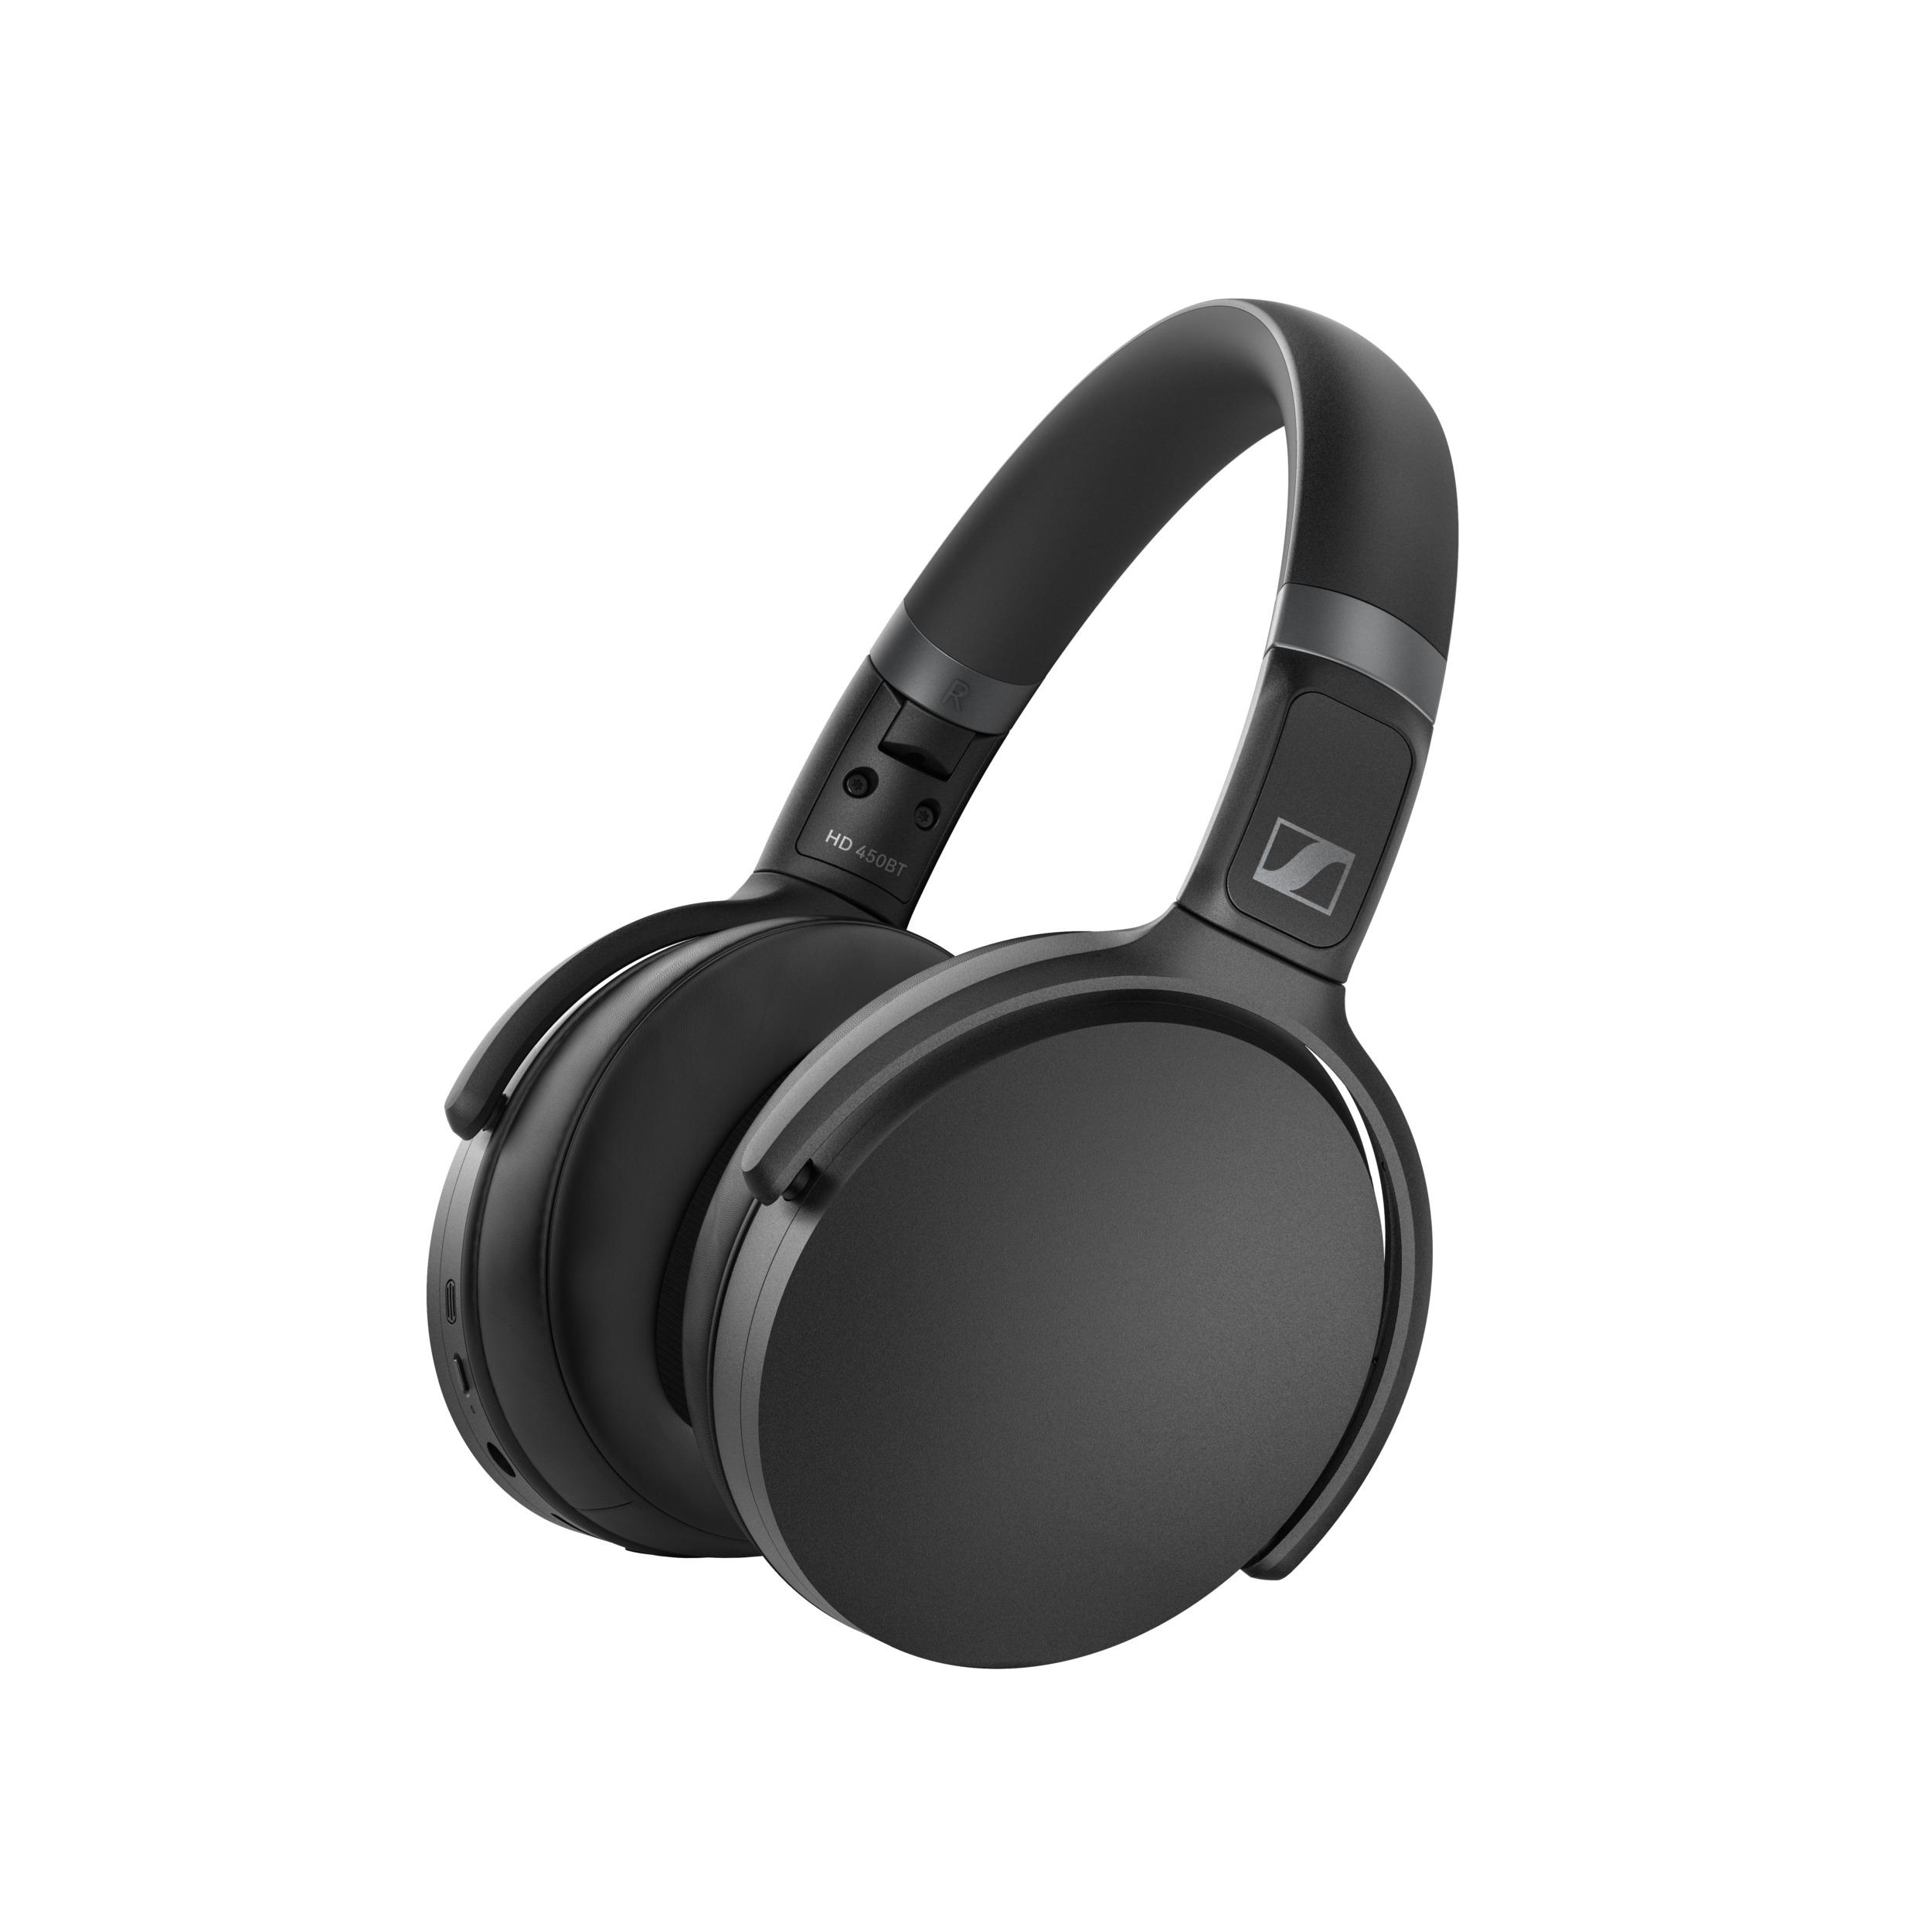 Sennheiser představil sluchátka HD 450BT, jsou moderní a jdou s dobou